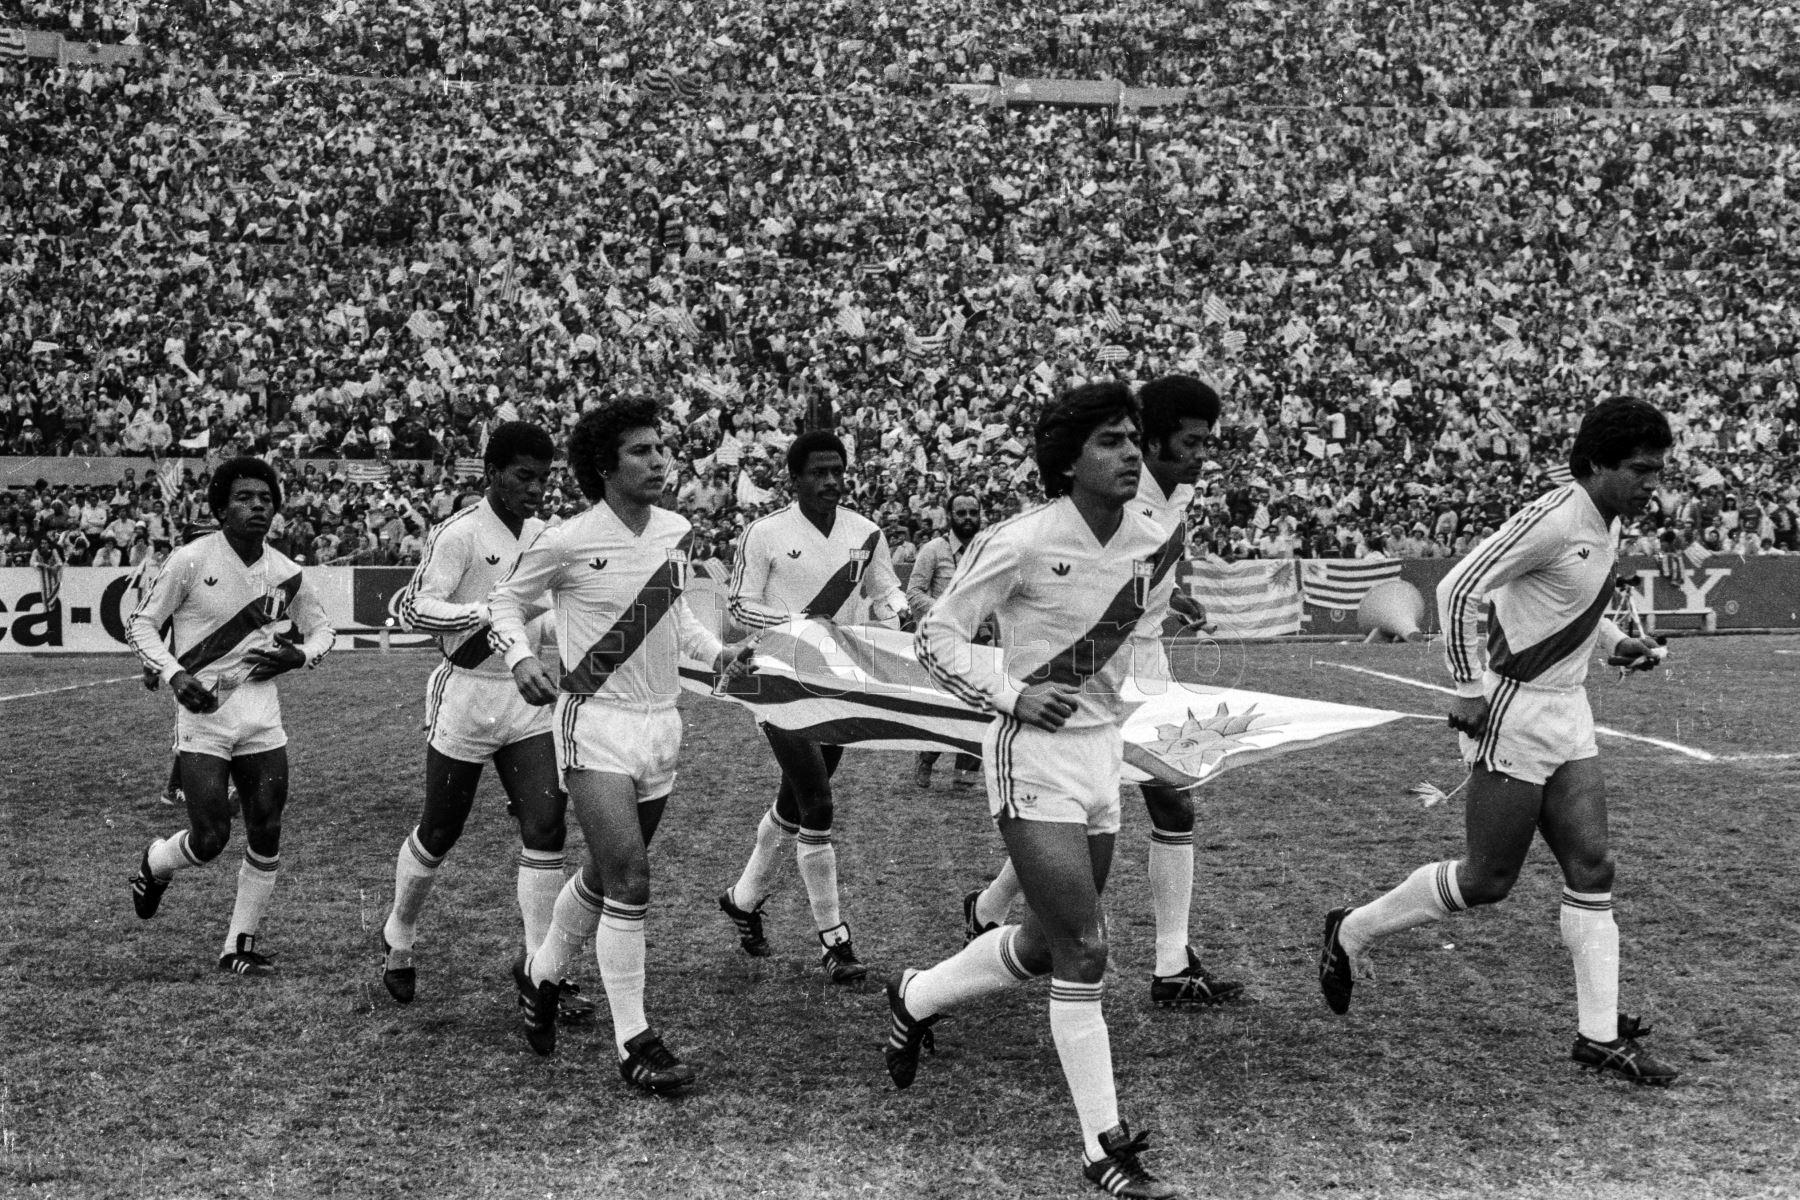 Montevideo, Uruguay - 23 agosto 1981 / Salida de la selección peruana de fútbol al campo del estadio Cenetario. Perú alcanzó la punta del Grupo 2 de las eliminatorias sudamericanas al vencer a Uruguay por 2-1 de visita y quedó a solo un punto de clasificar al Mundial de España 82. Foto: Archivo El Peruano/ Rómulo Luján